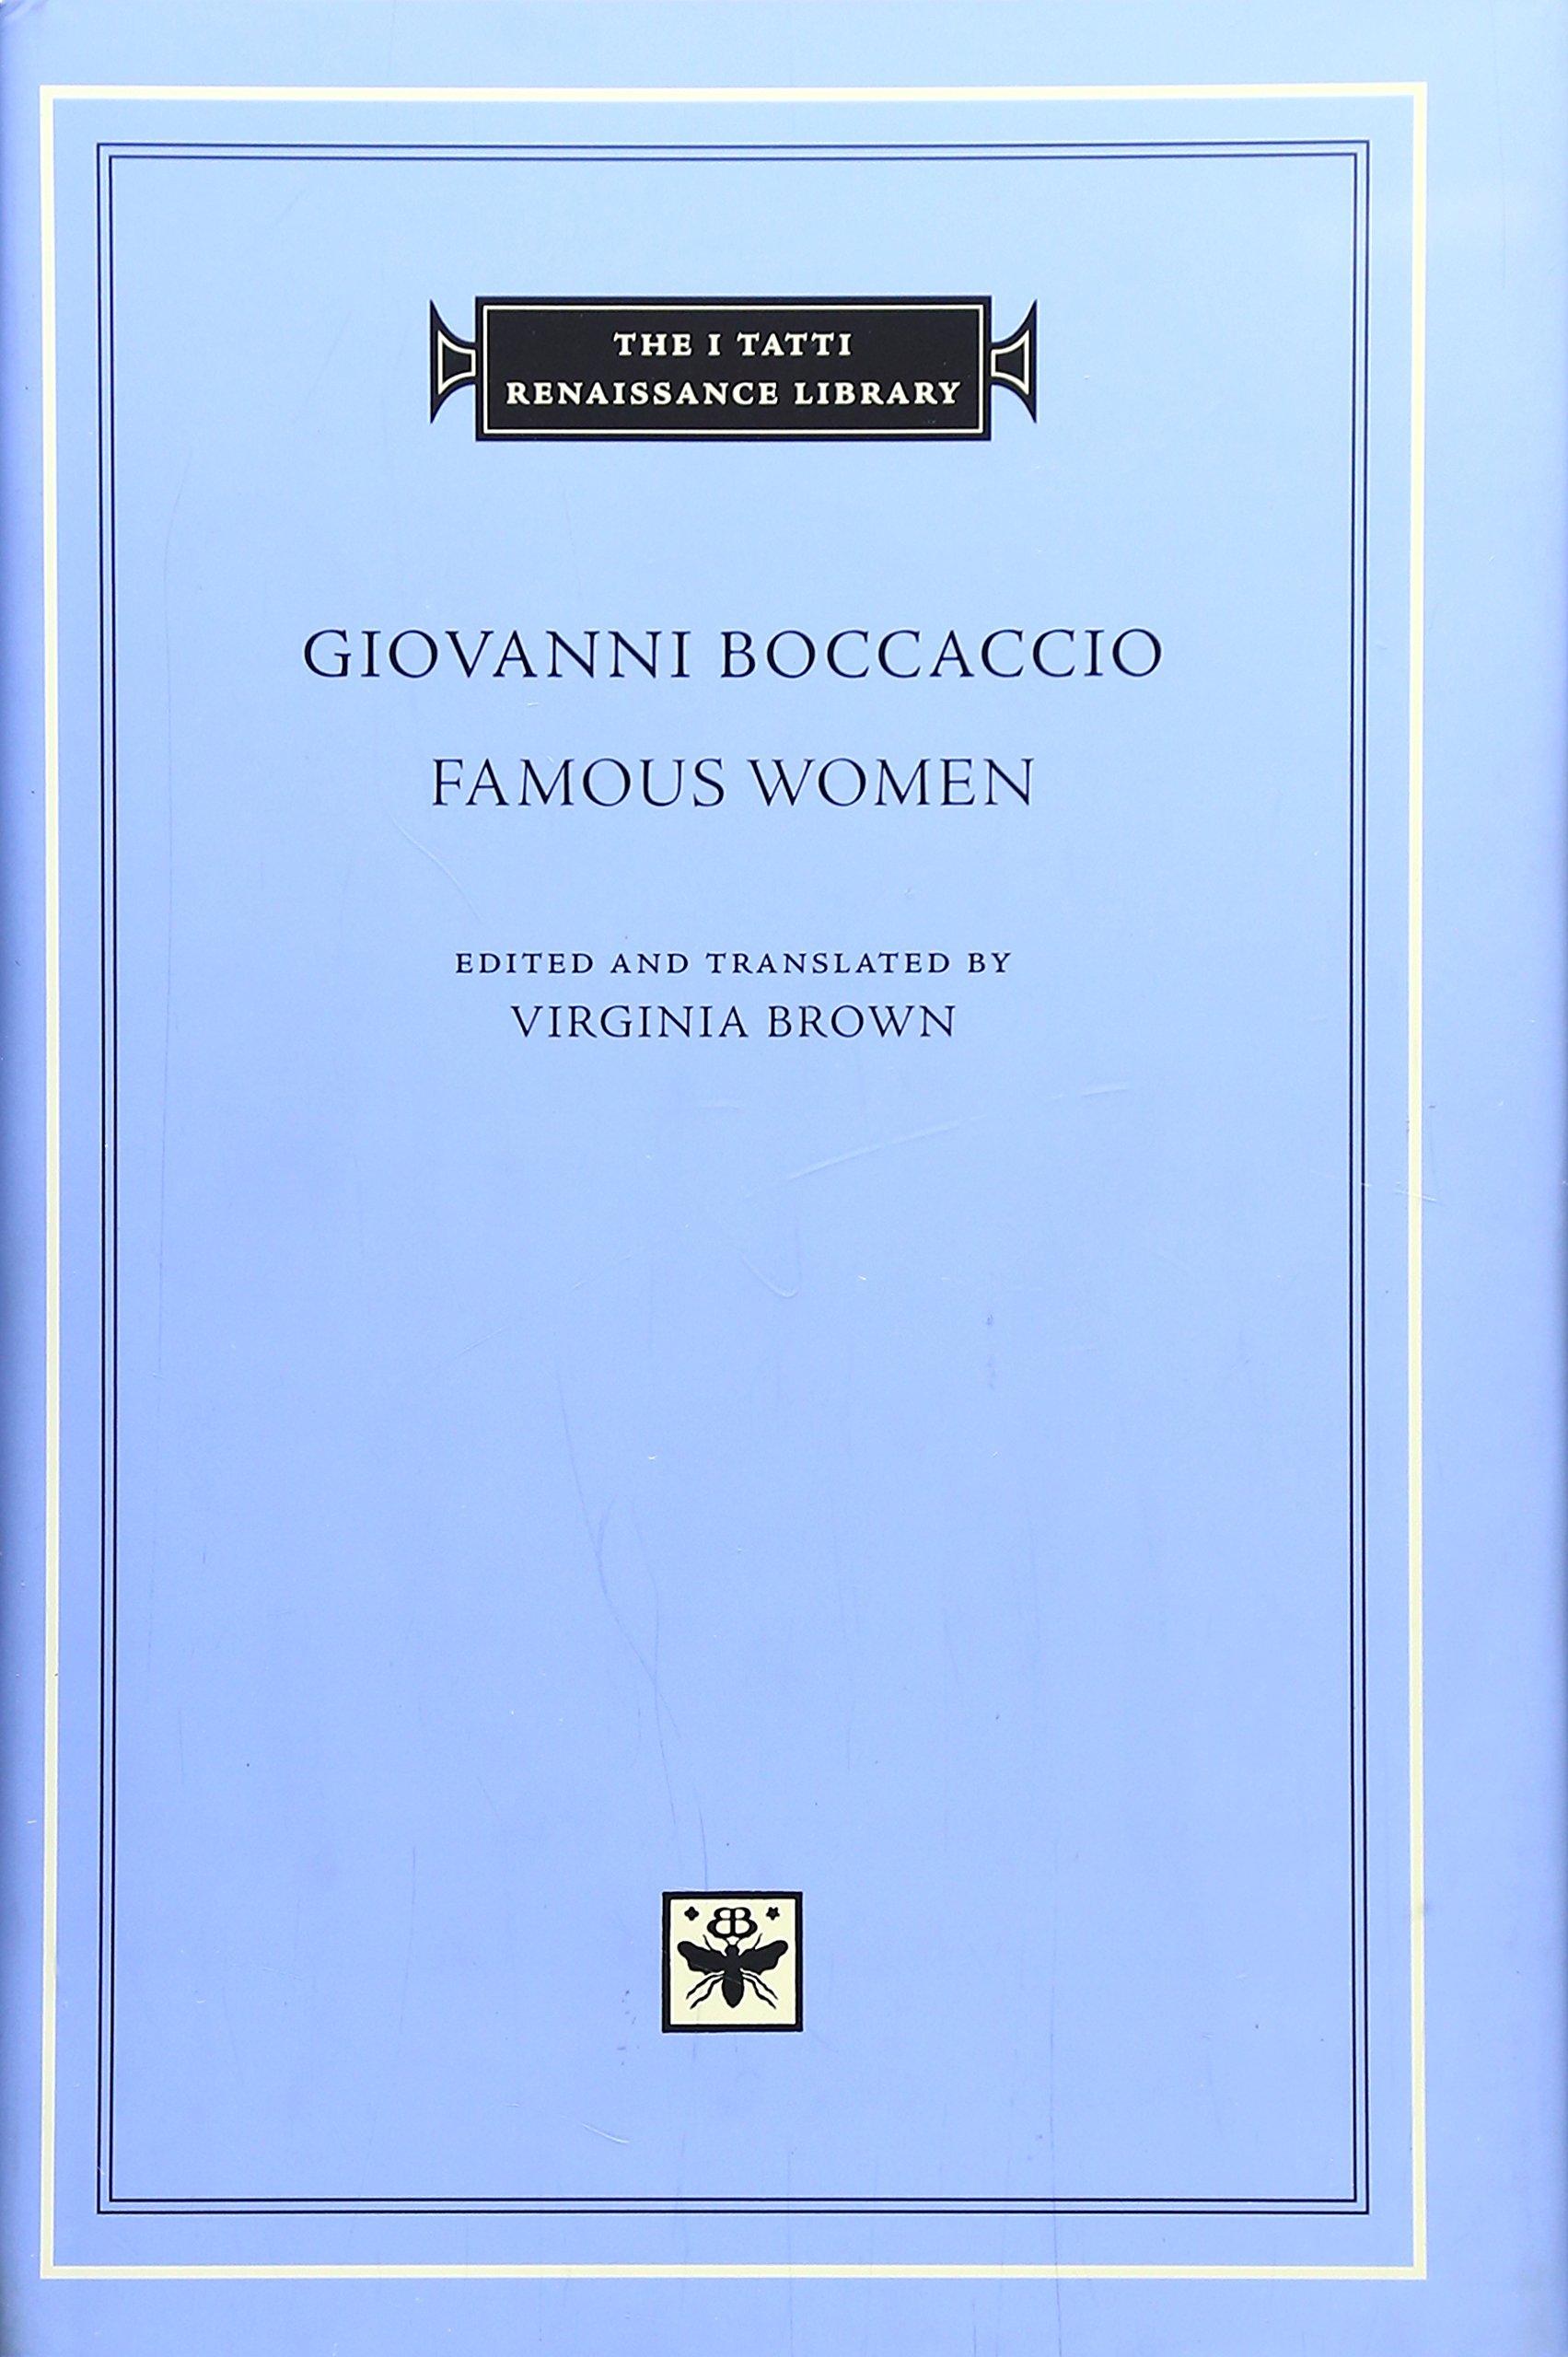 Giovanni Boccaccio - Famous Women (I TATTI RENAISSANCE LIBRARY)